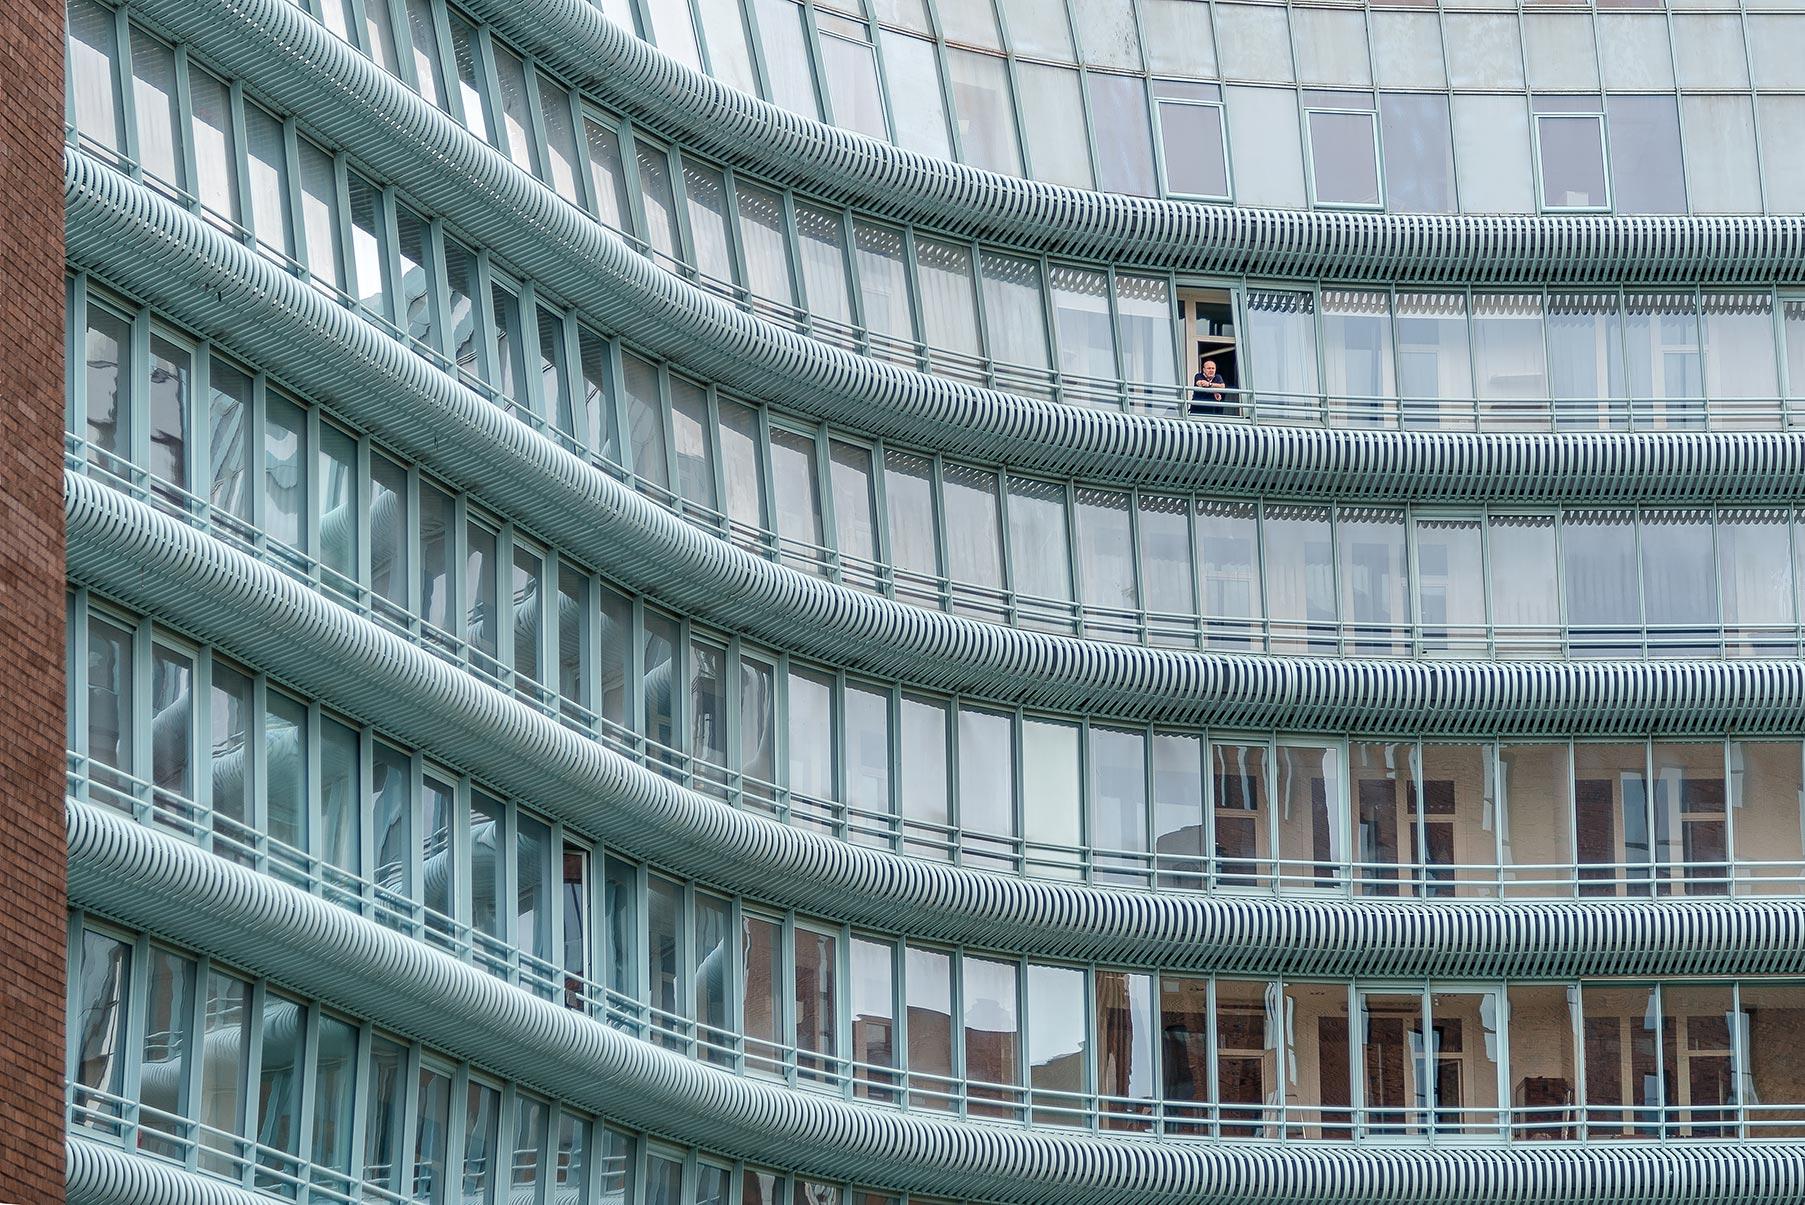 Москва, Moscow, здания, архитектура, окна, дом, окно, житель, линии, Борис Недосеков